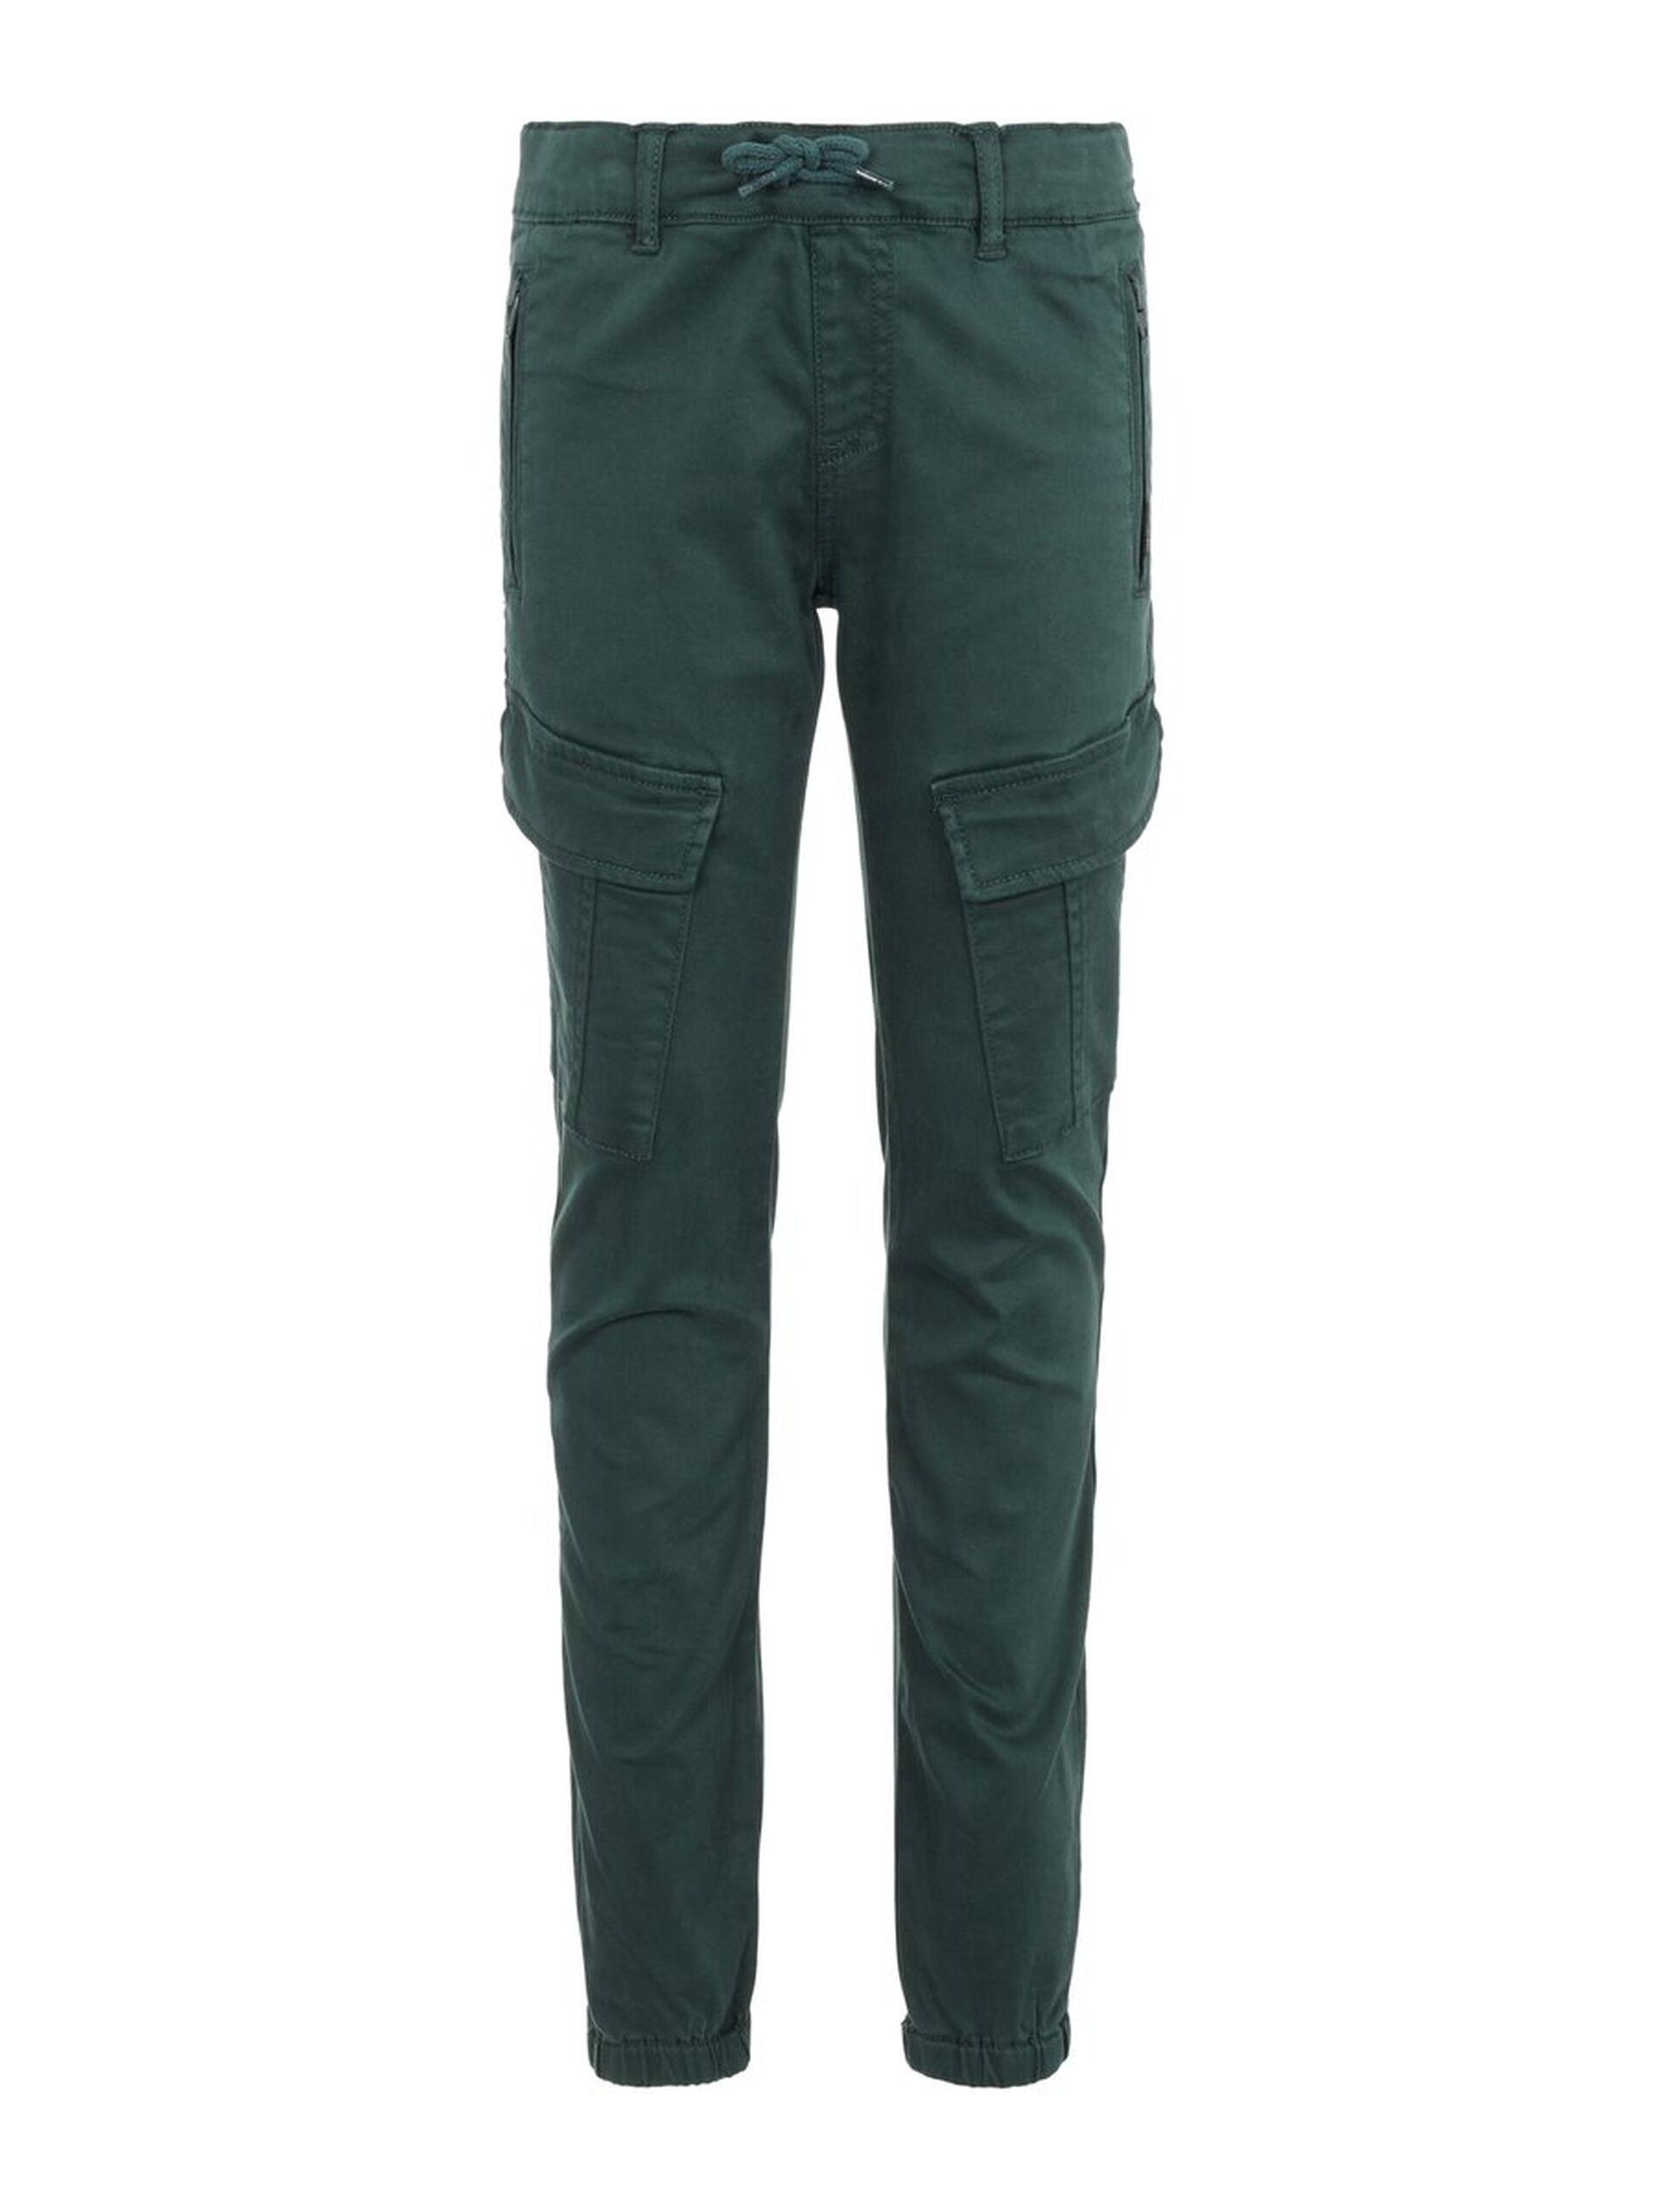 Bukse med lommer på sidene, grønn | FINN.no